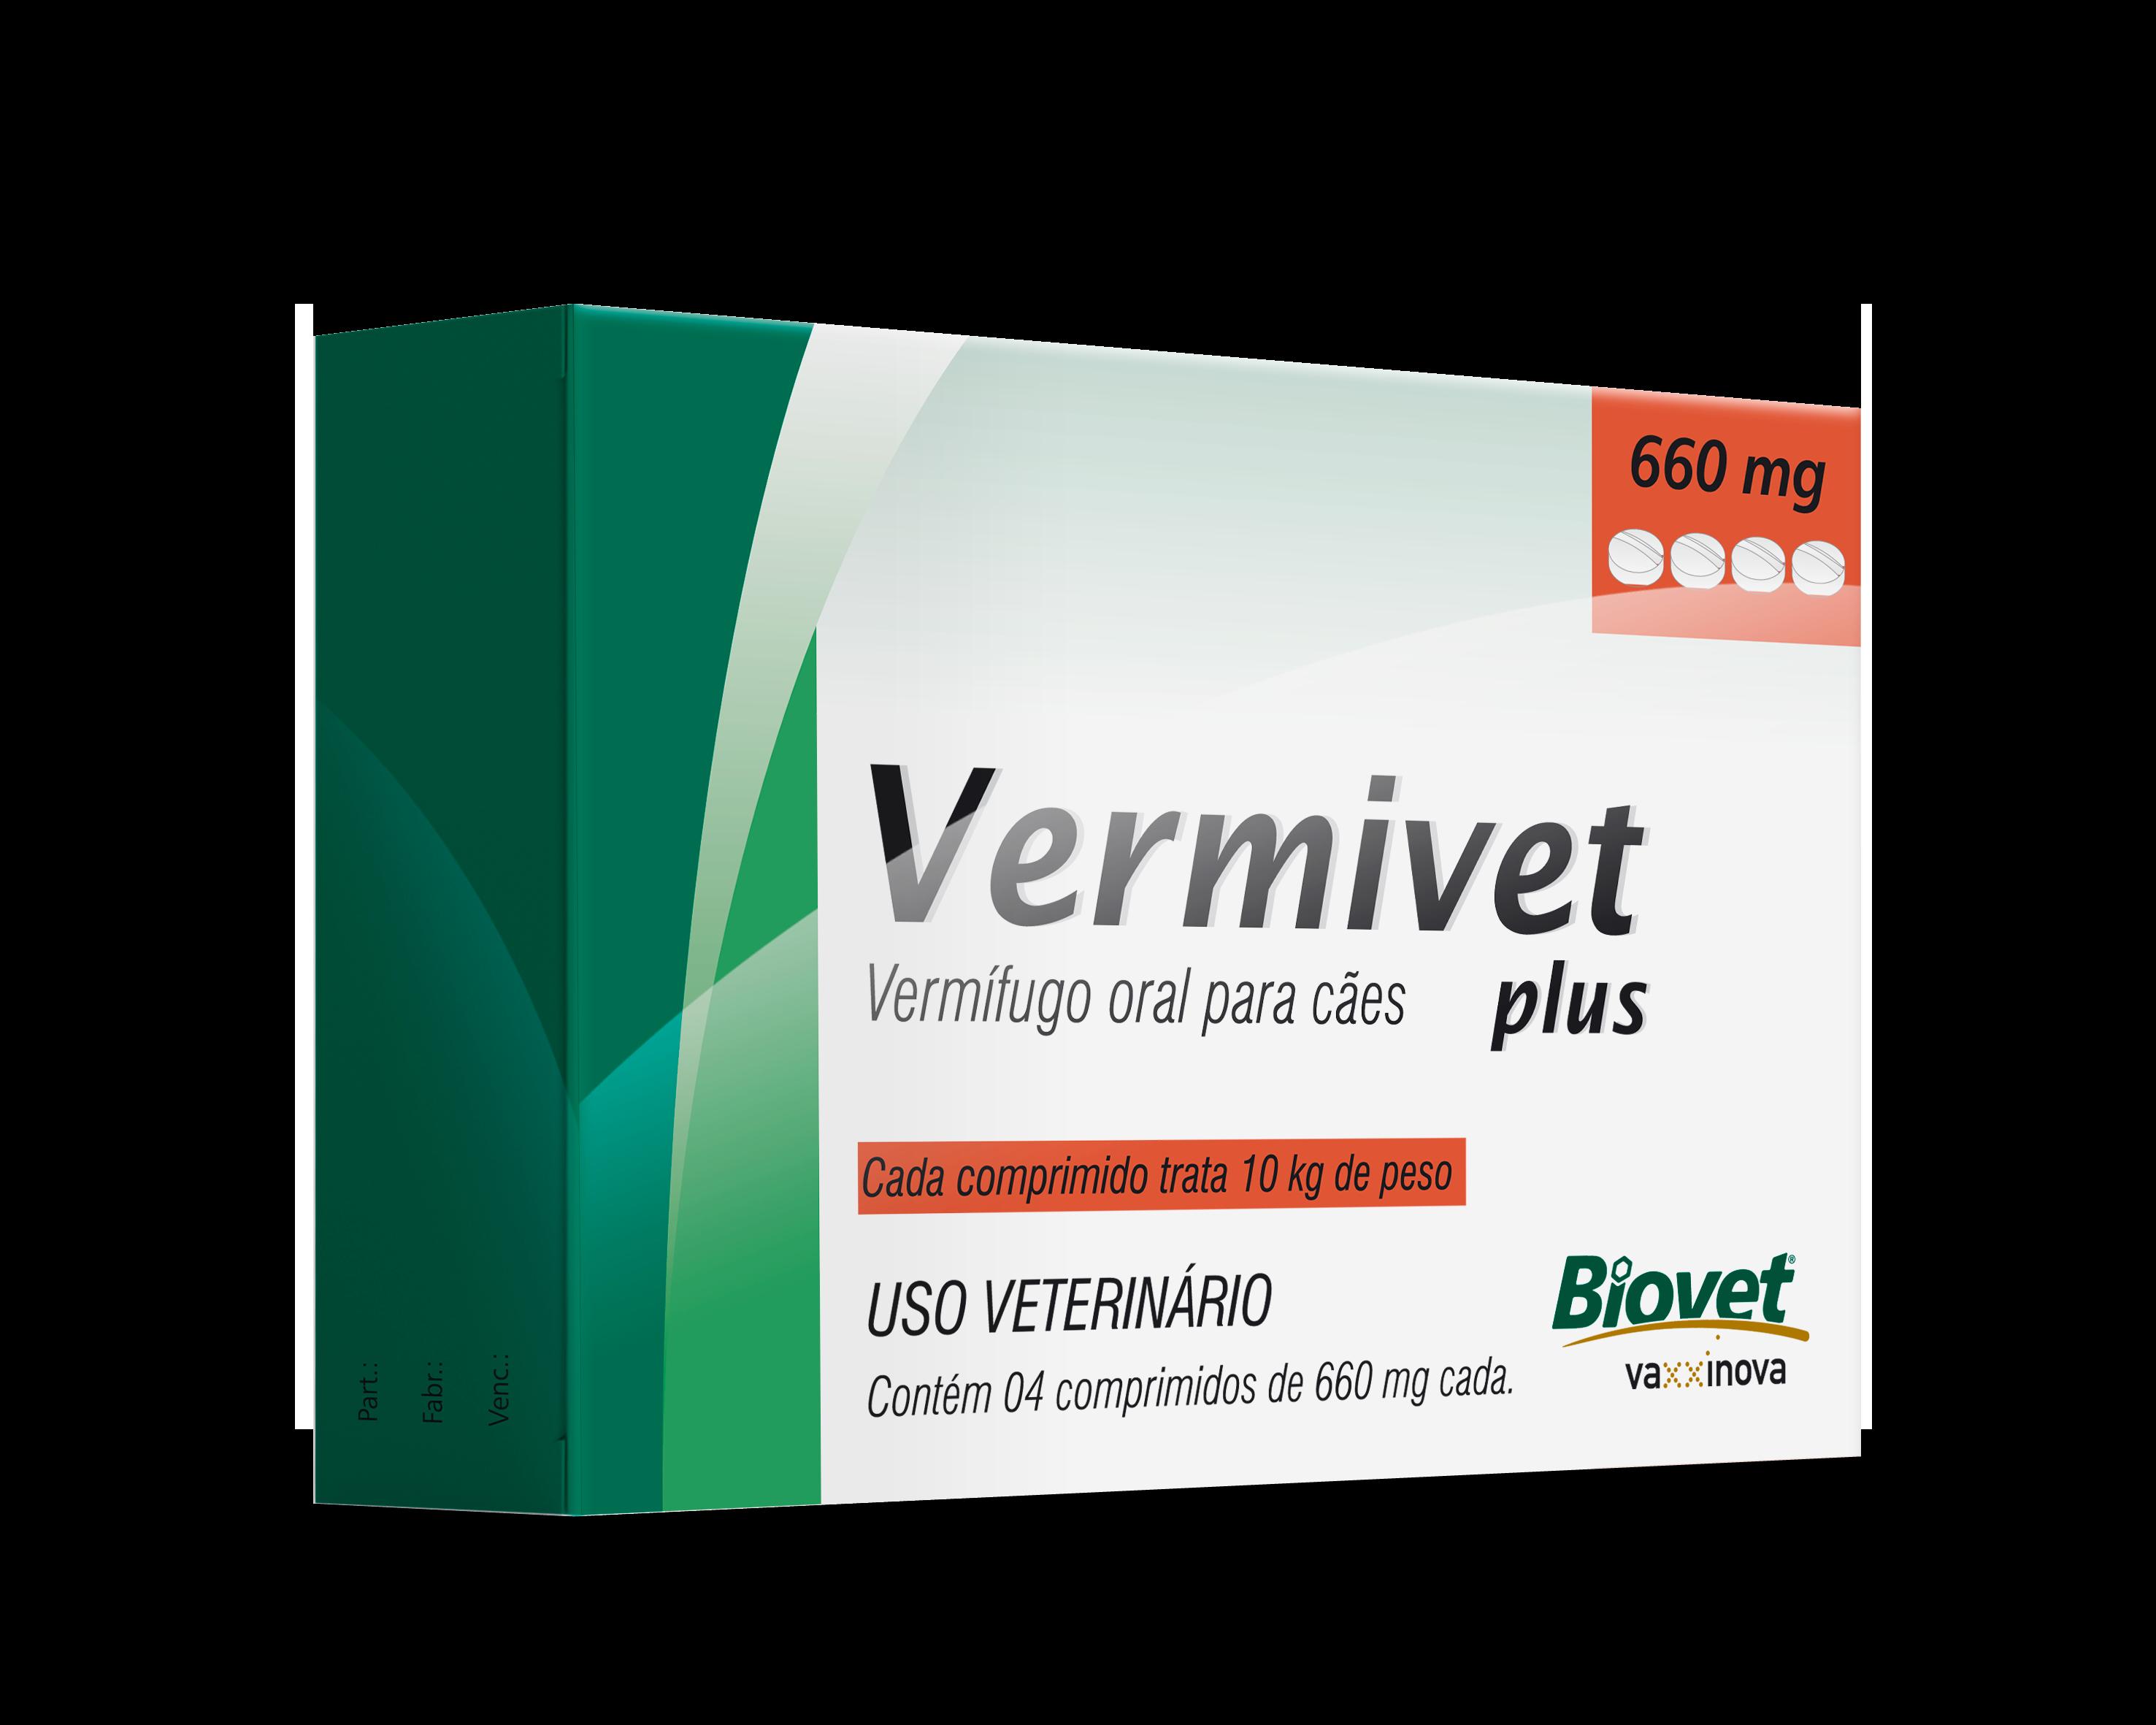 Imagem referente ao produto Vermivet Plus 660 mg